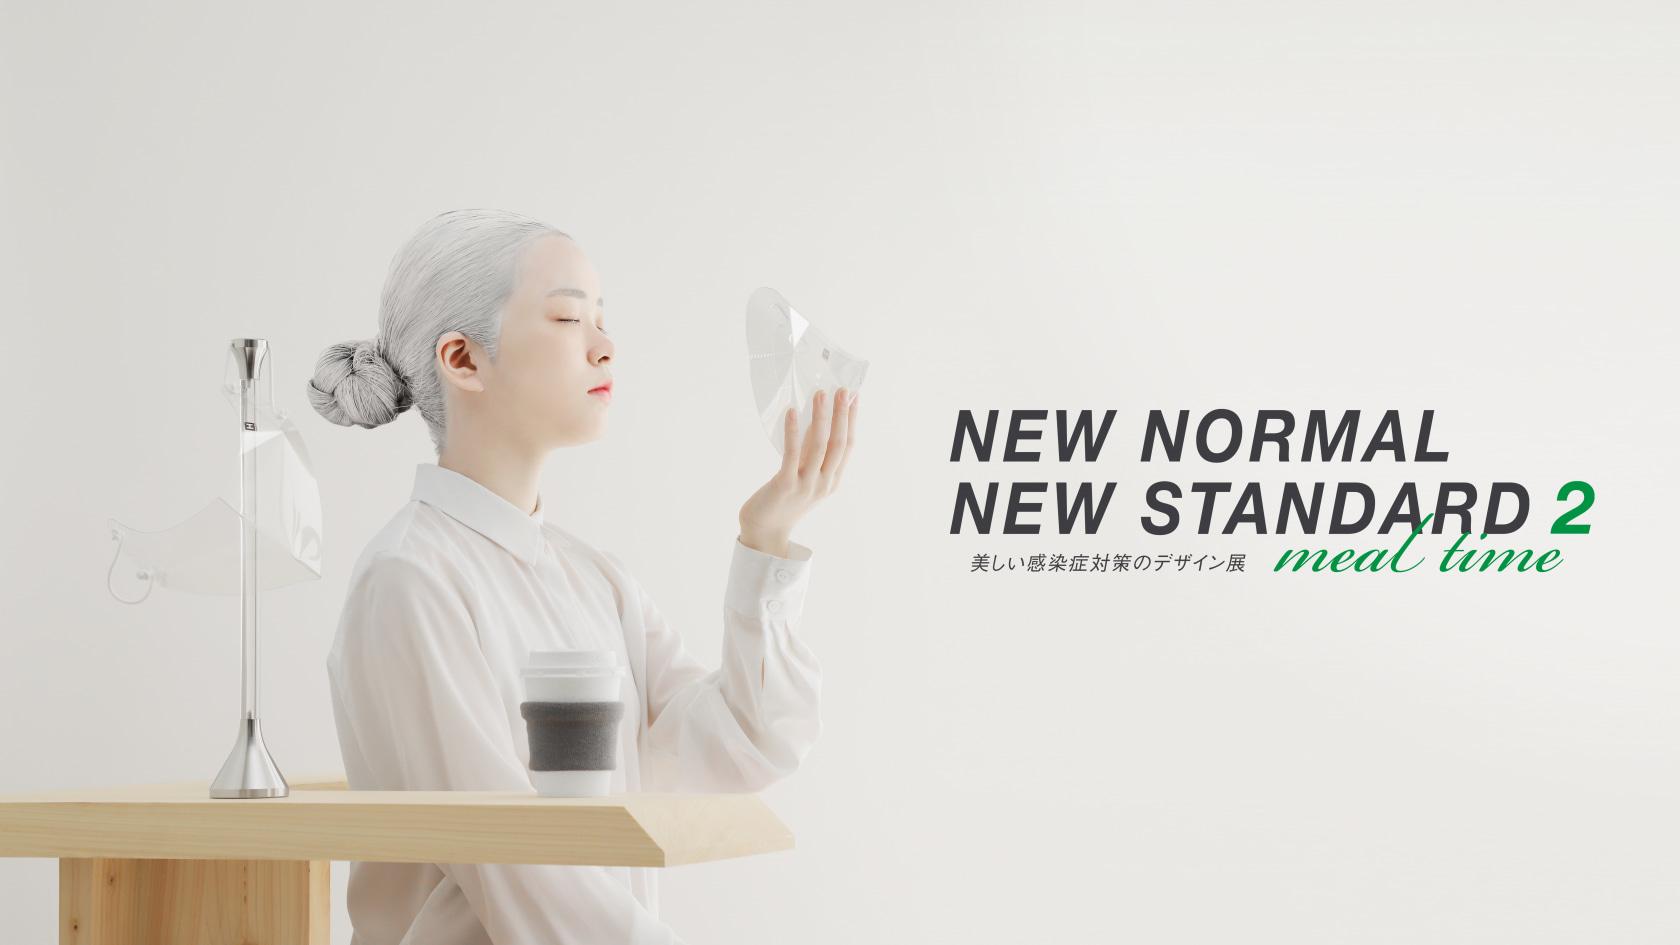 美しい感染症対策のデザイン展 -NEW NORMAL, NEW STANDARD 2 -Meal Time-